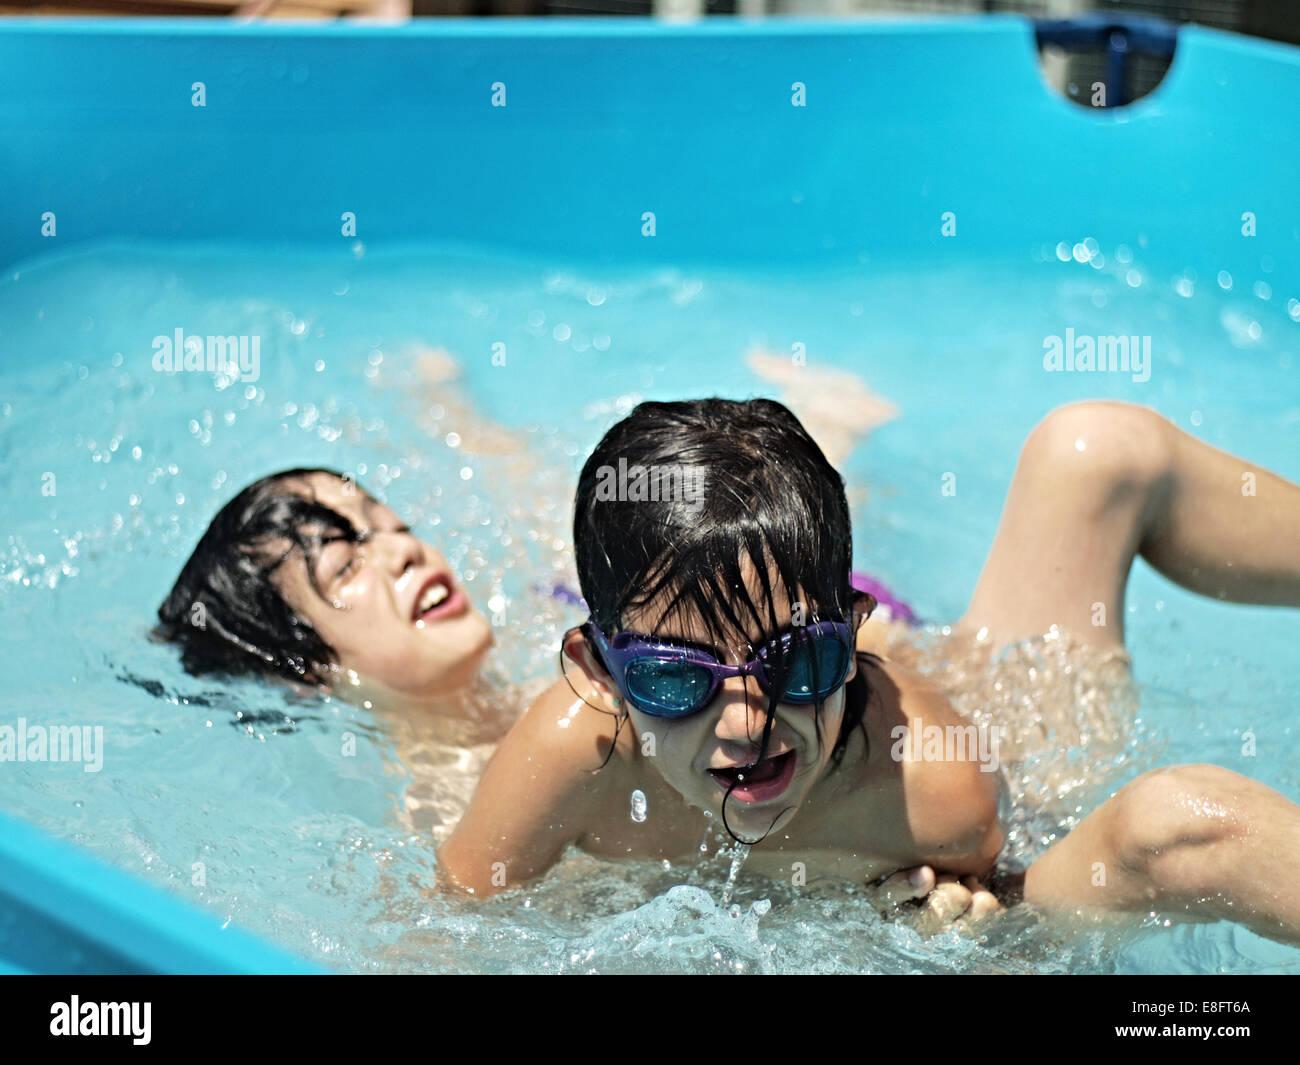 Deux garçons jouant dans la piscine Banque D'Images